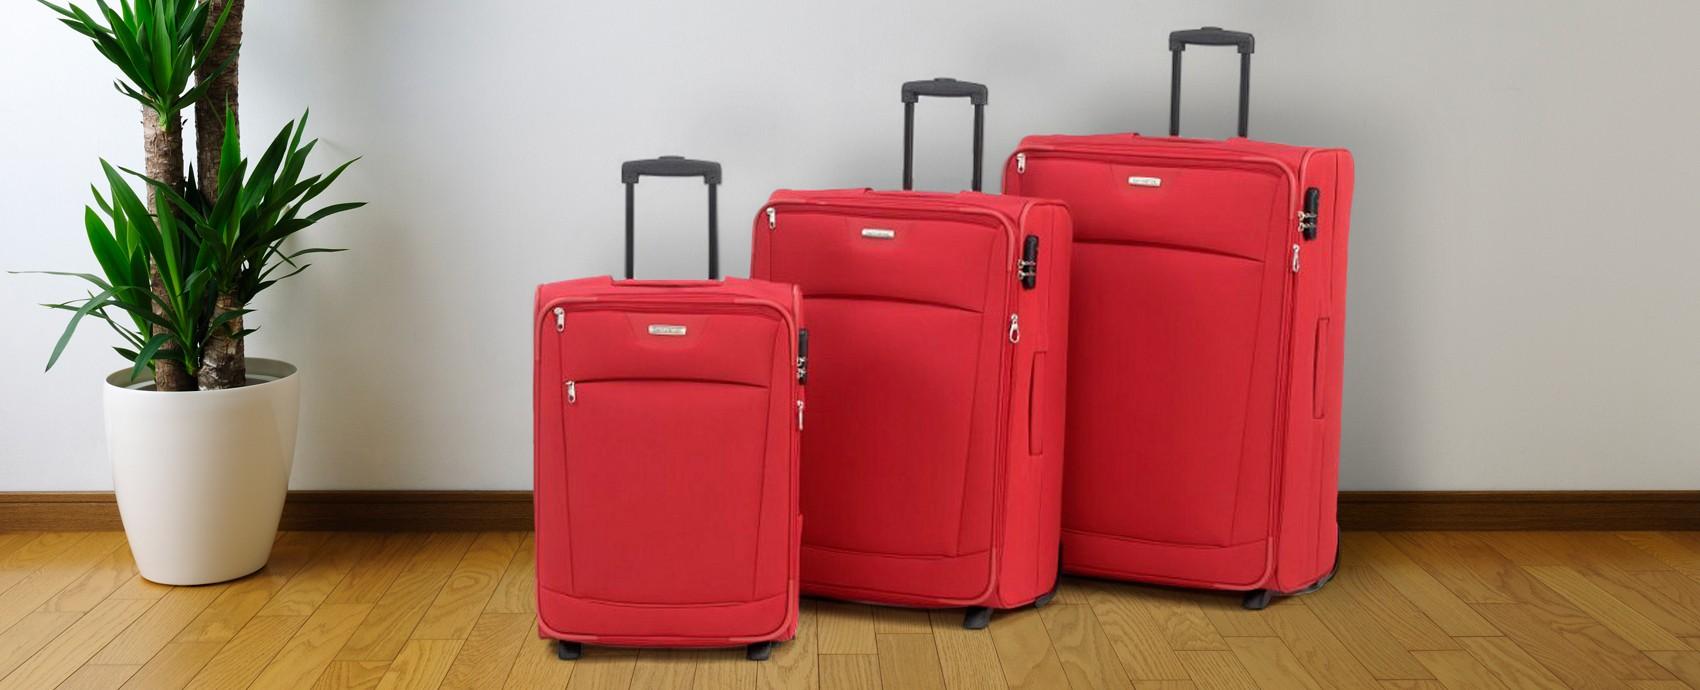 adf484987c9684 Valigie Samsonite in offerta Amazon: prezzi modelli grandi e bagaglio a mano  - Corretta Informazione